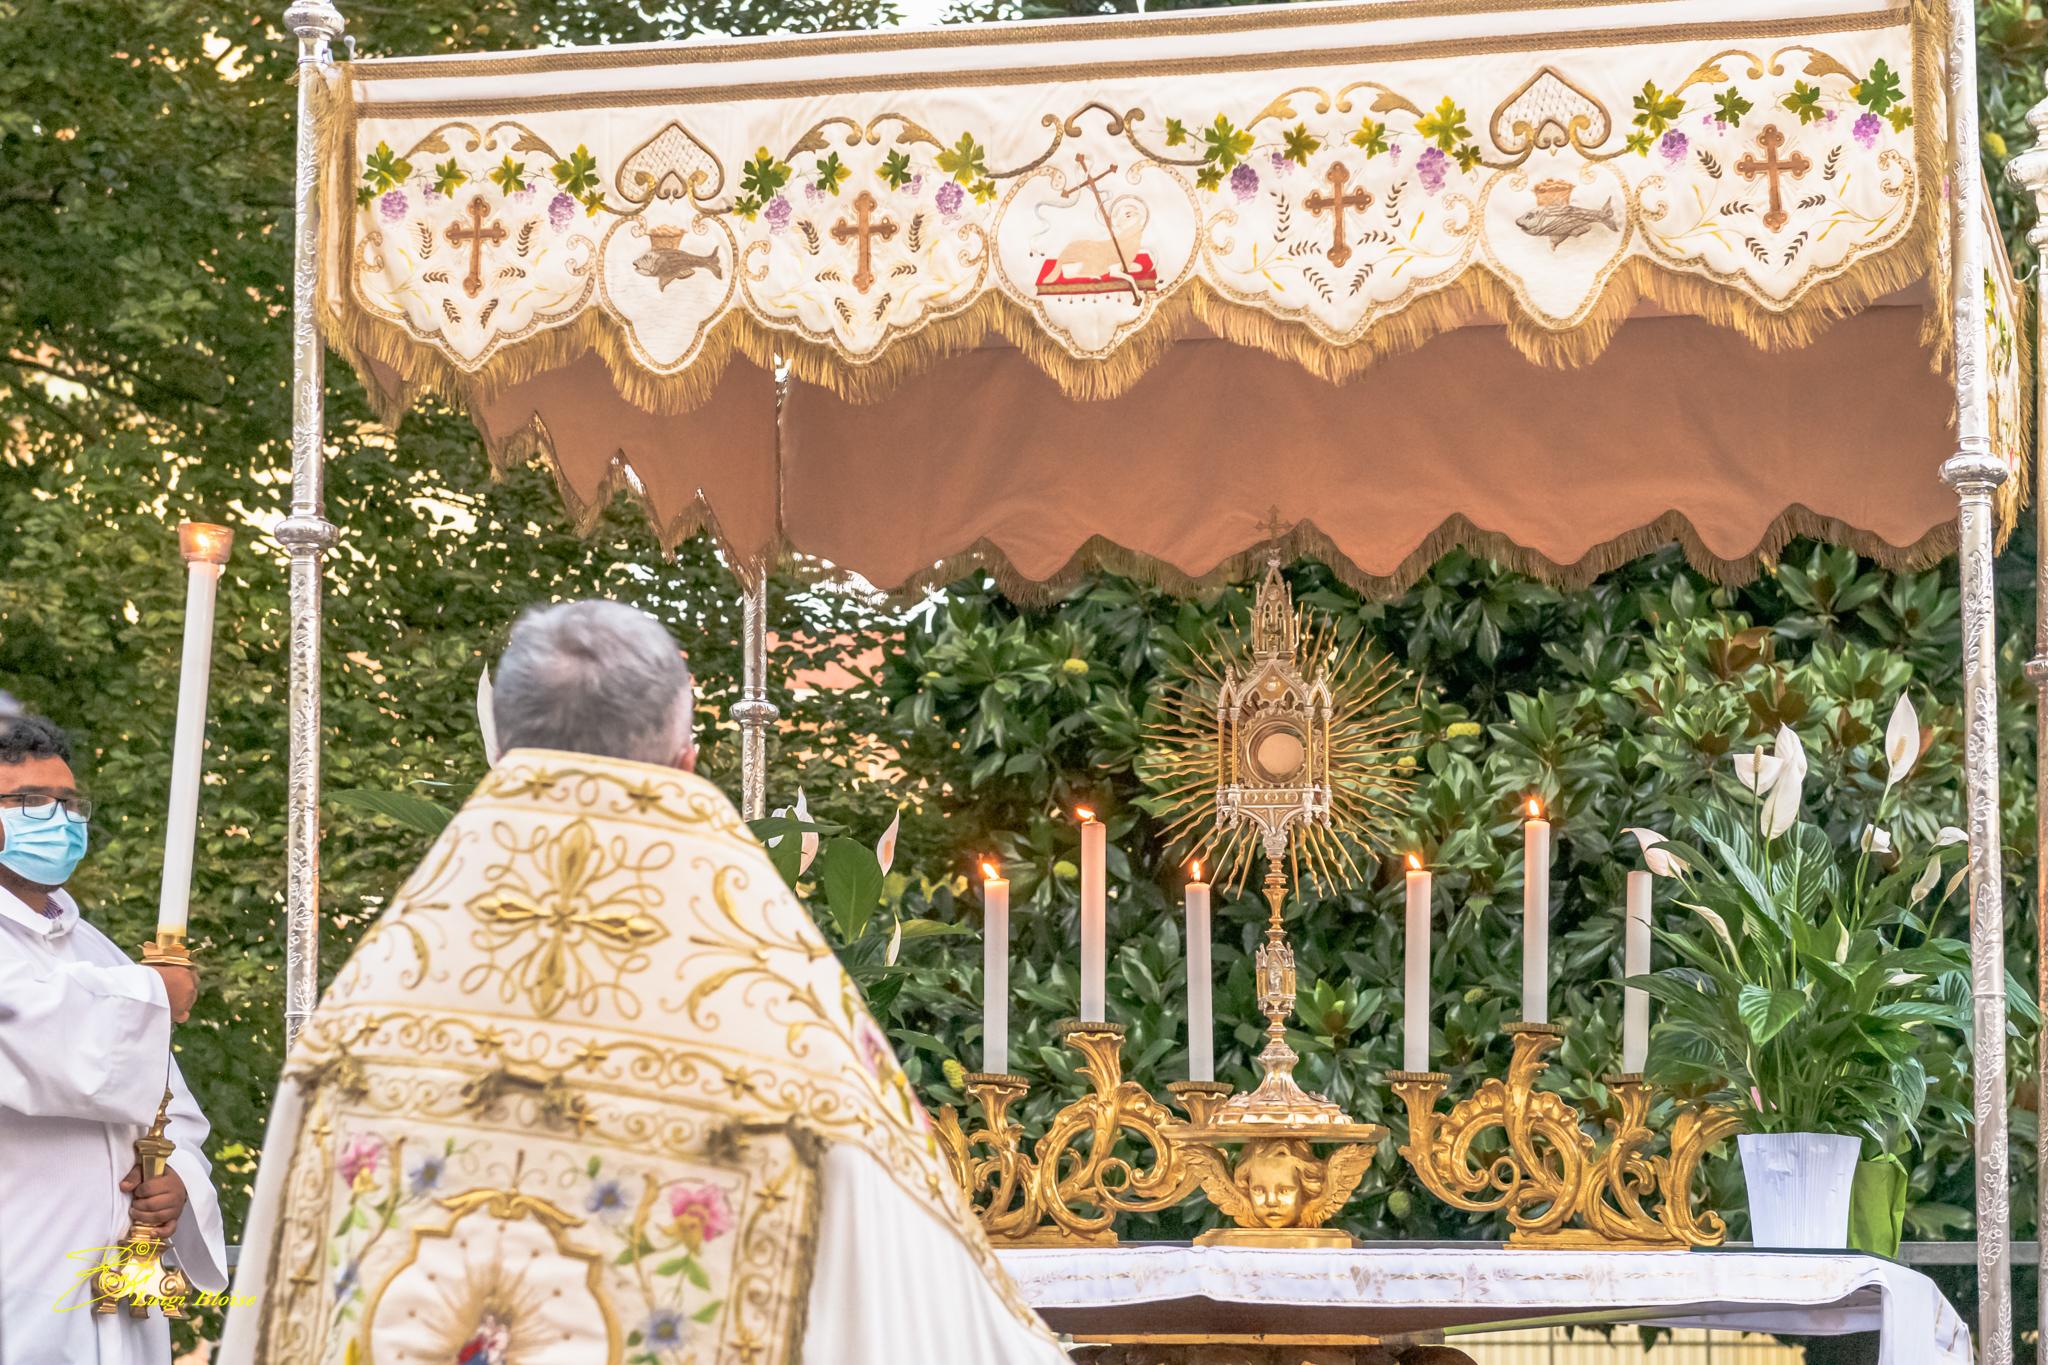 29-agosto-2021-Viola-17-e-processione-MdG-–-FOTO_mdg_-285